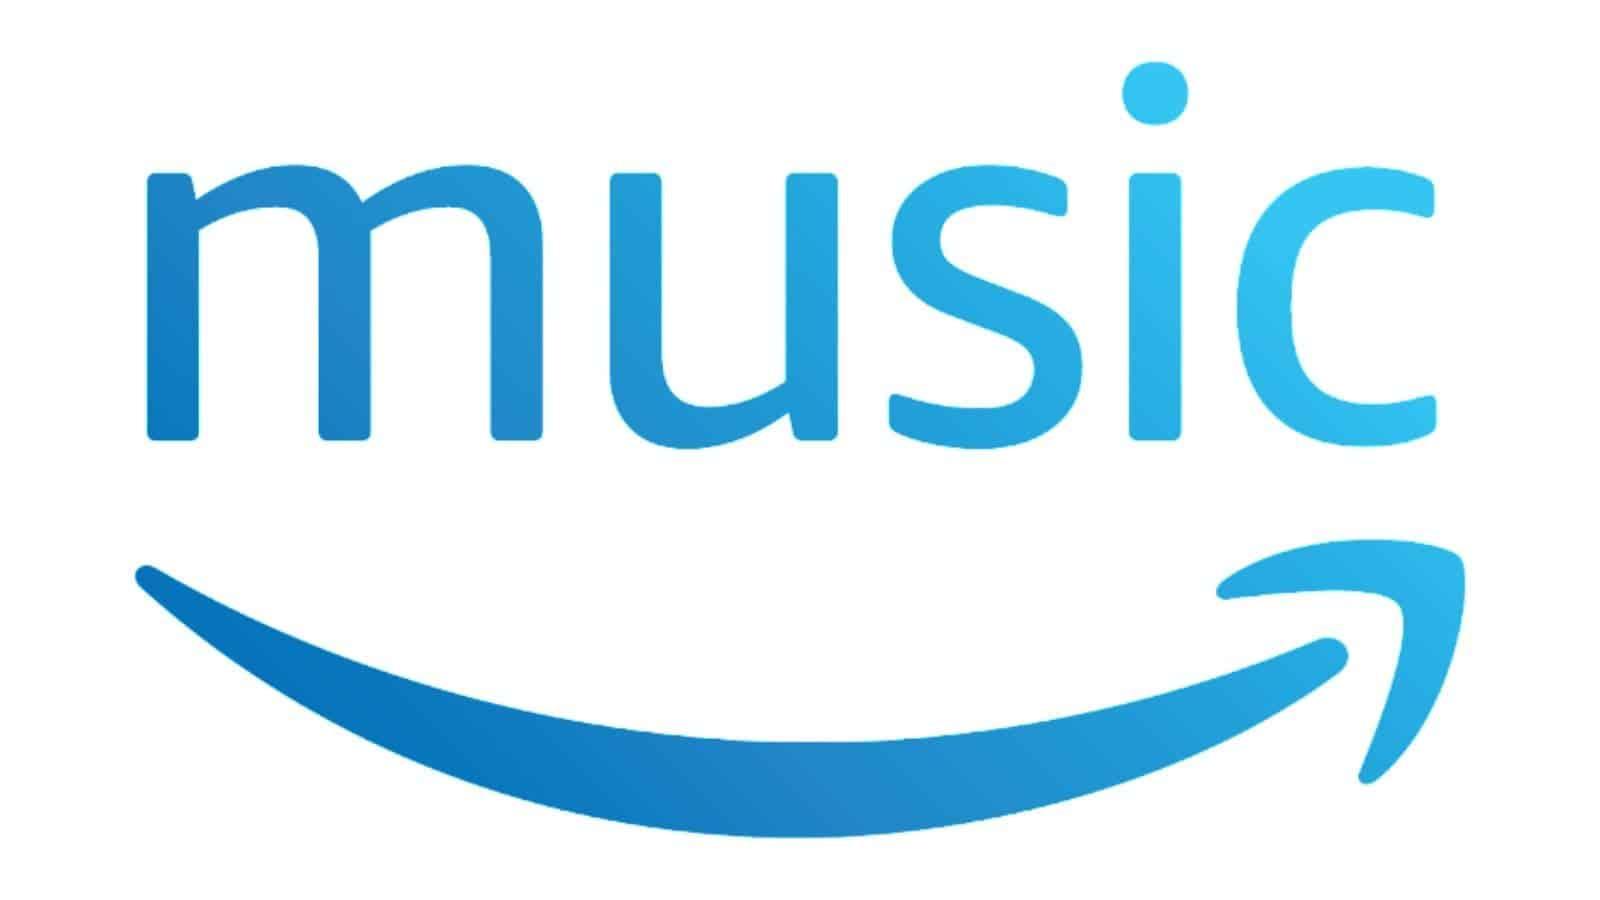 【Prime Music】100万曲の音楽が聴き放題